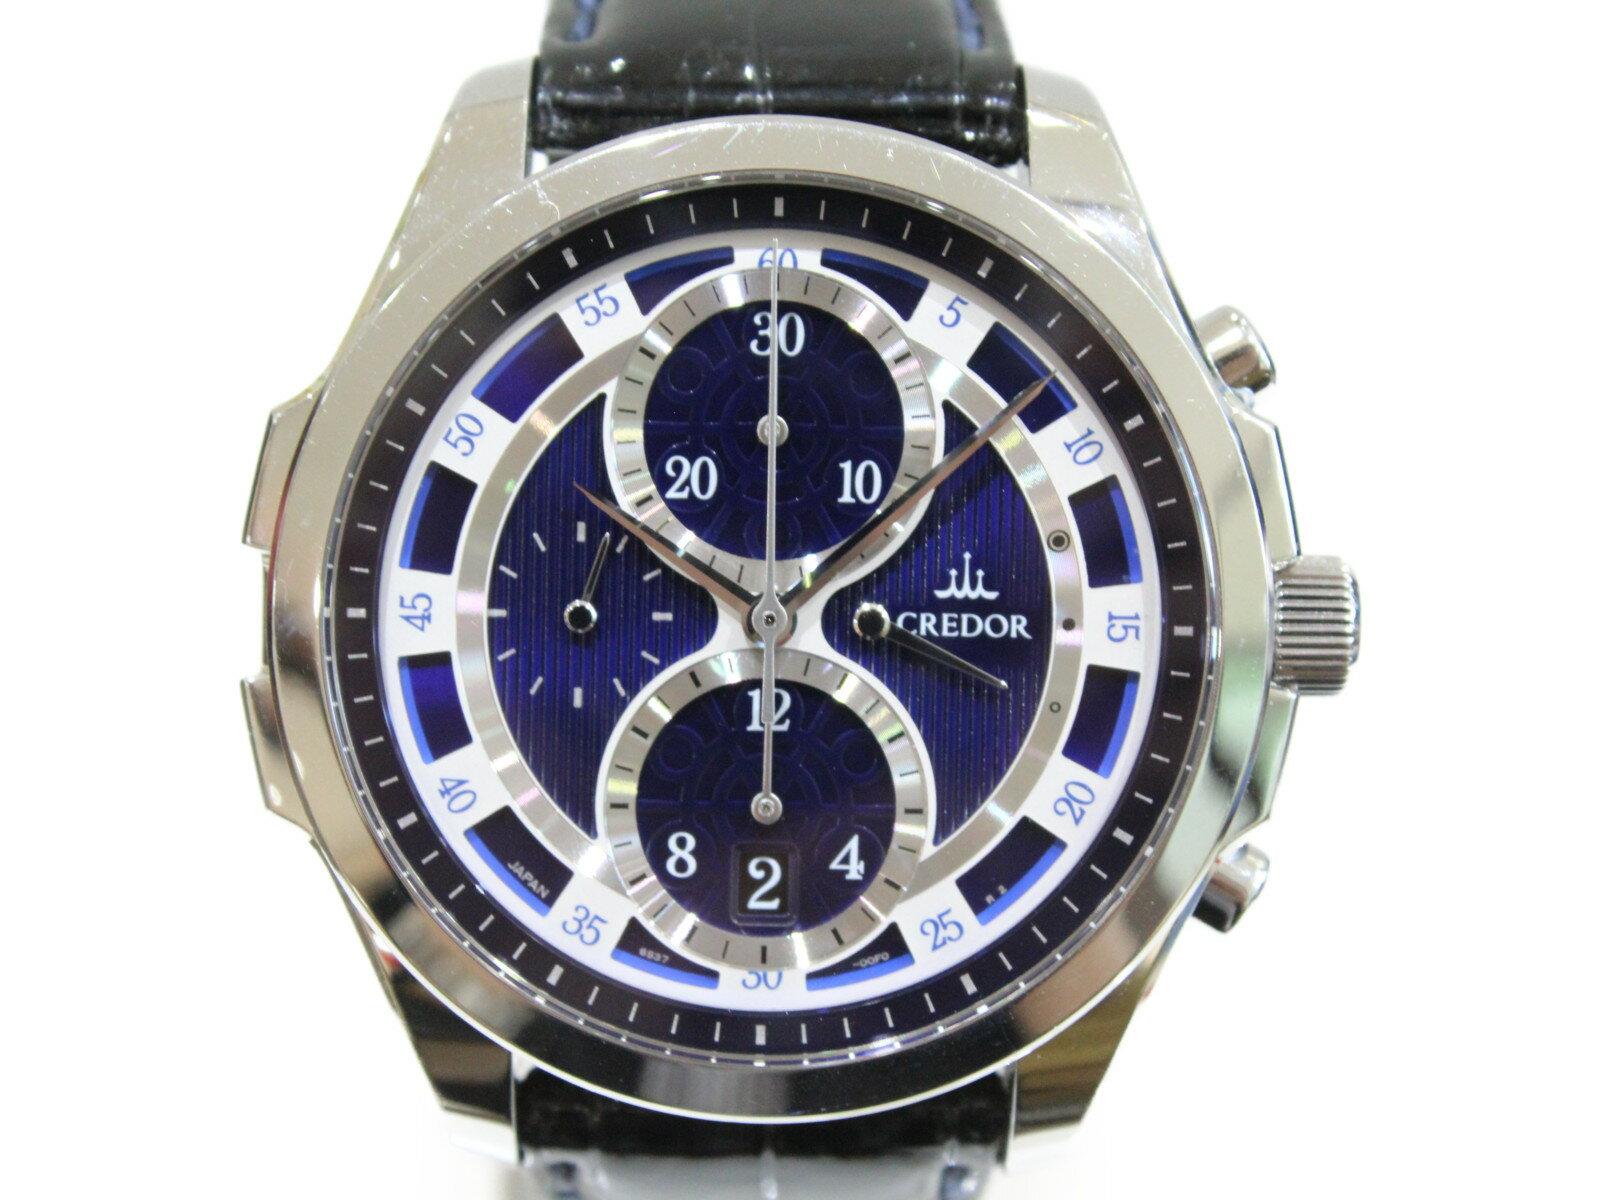 SEIKO セイコー CREDOR クレドール シグノ メカニカル クロノグラフ GCBK979  自動巻き デイト パワーリザーブ SS ステンレススチール 革ベルト ブルー ホワイト メンズ 腕時計【中古】